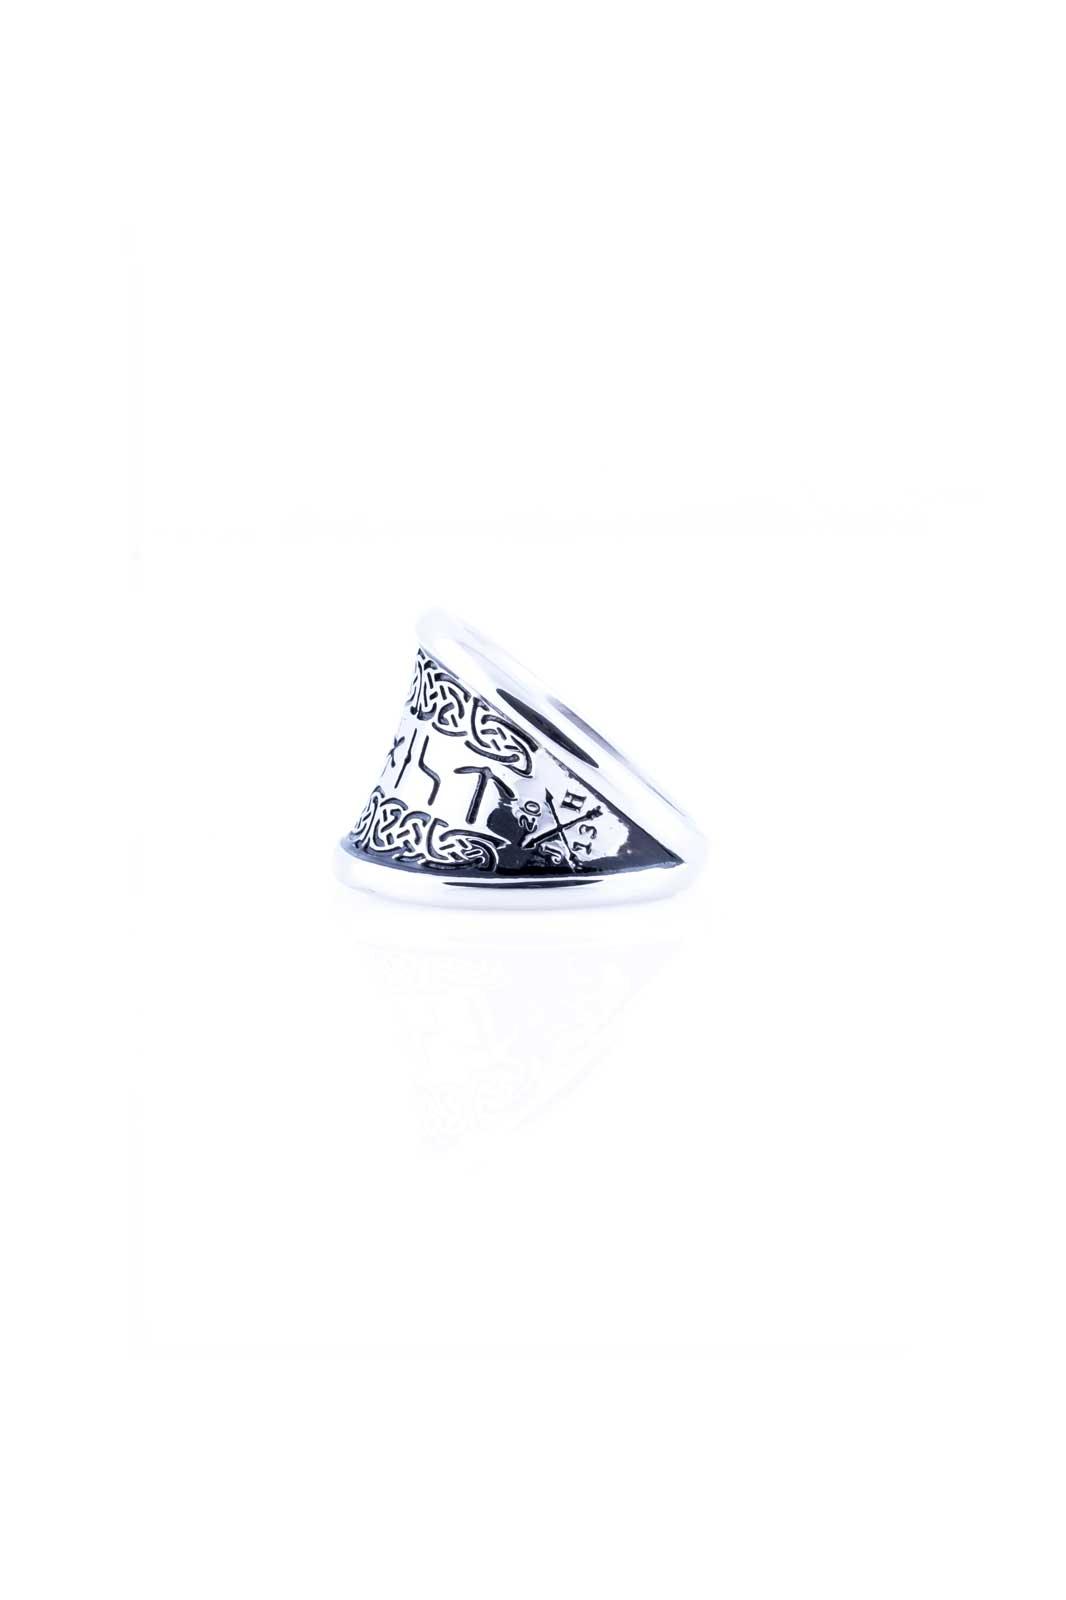 Ring Balder Stainless Steel